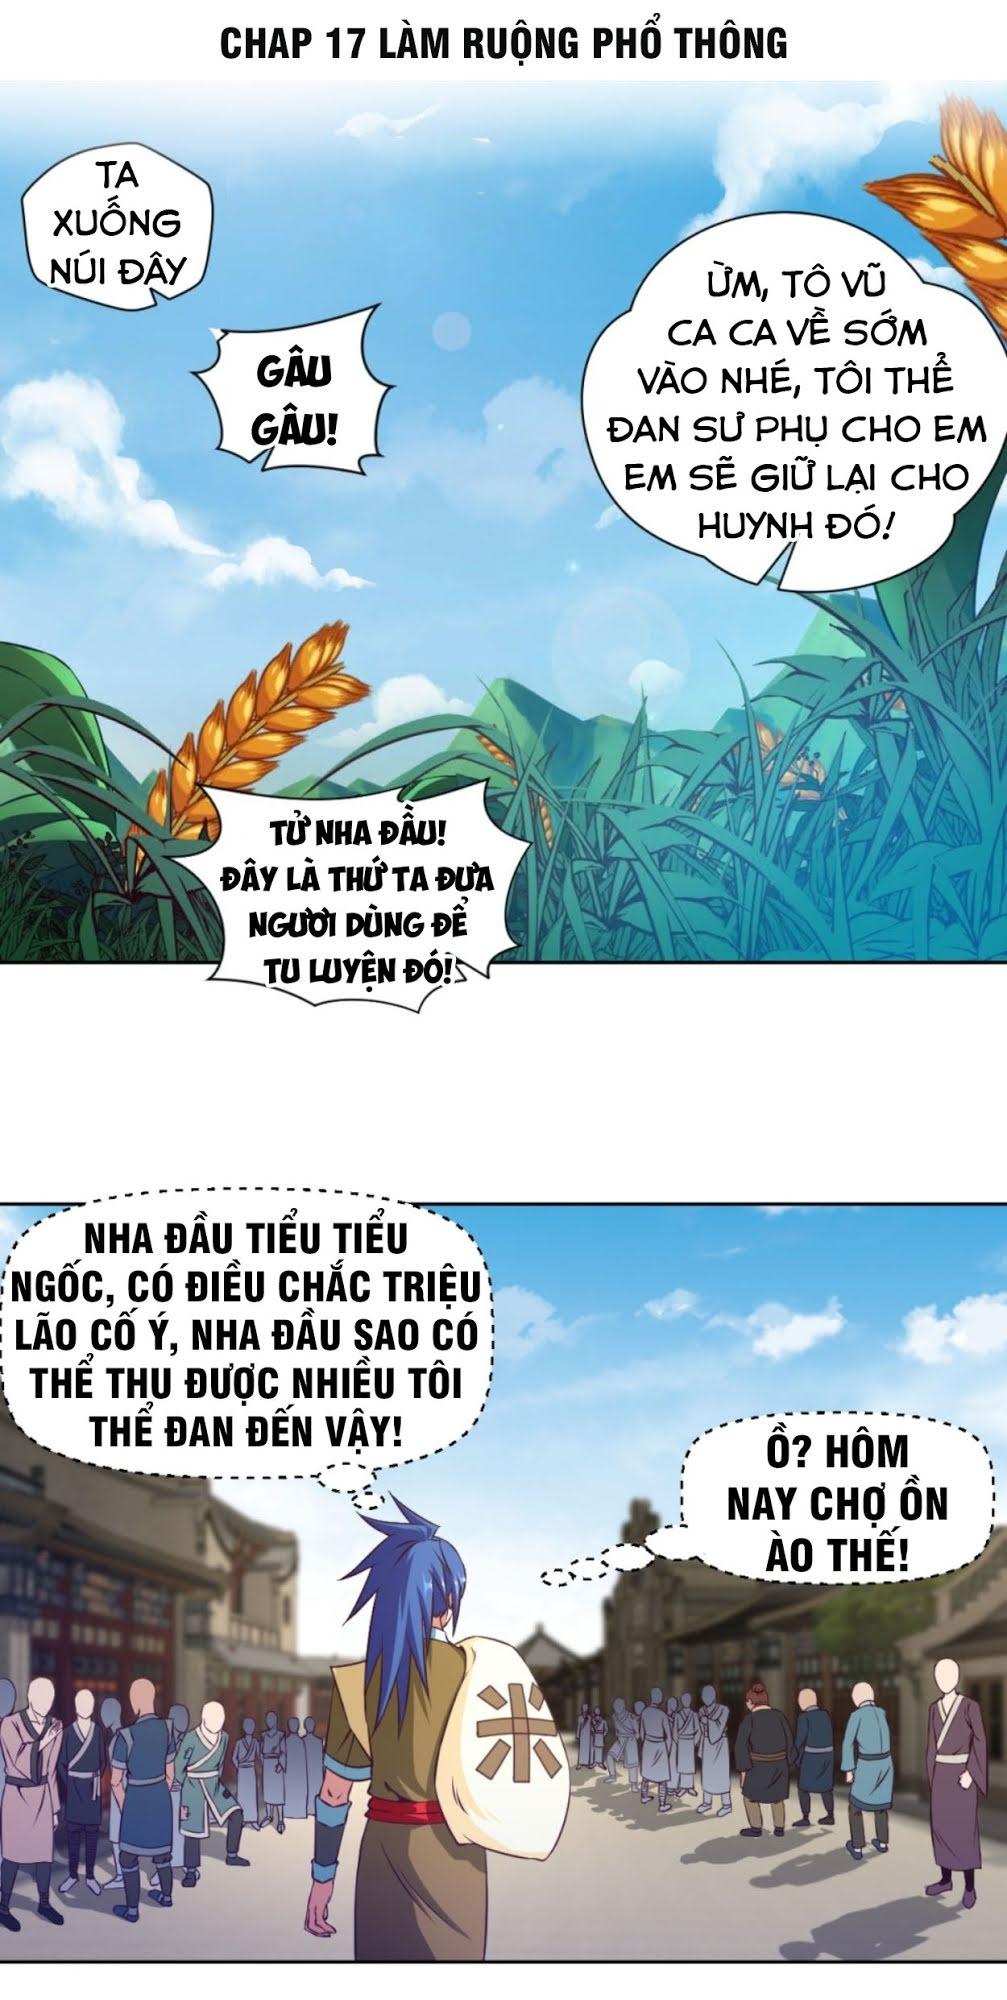 Chiếm Cái Đỉnh Núi Làm Đại Vương chap 17 - Trang 1